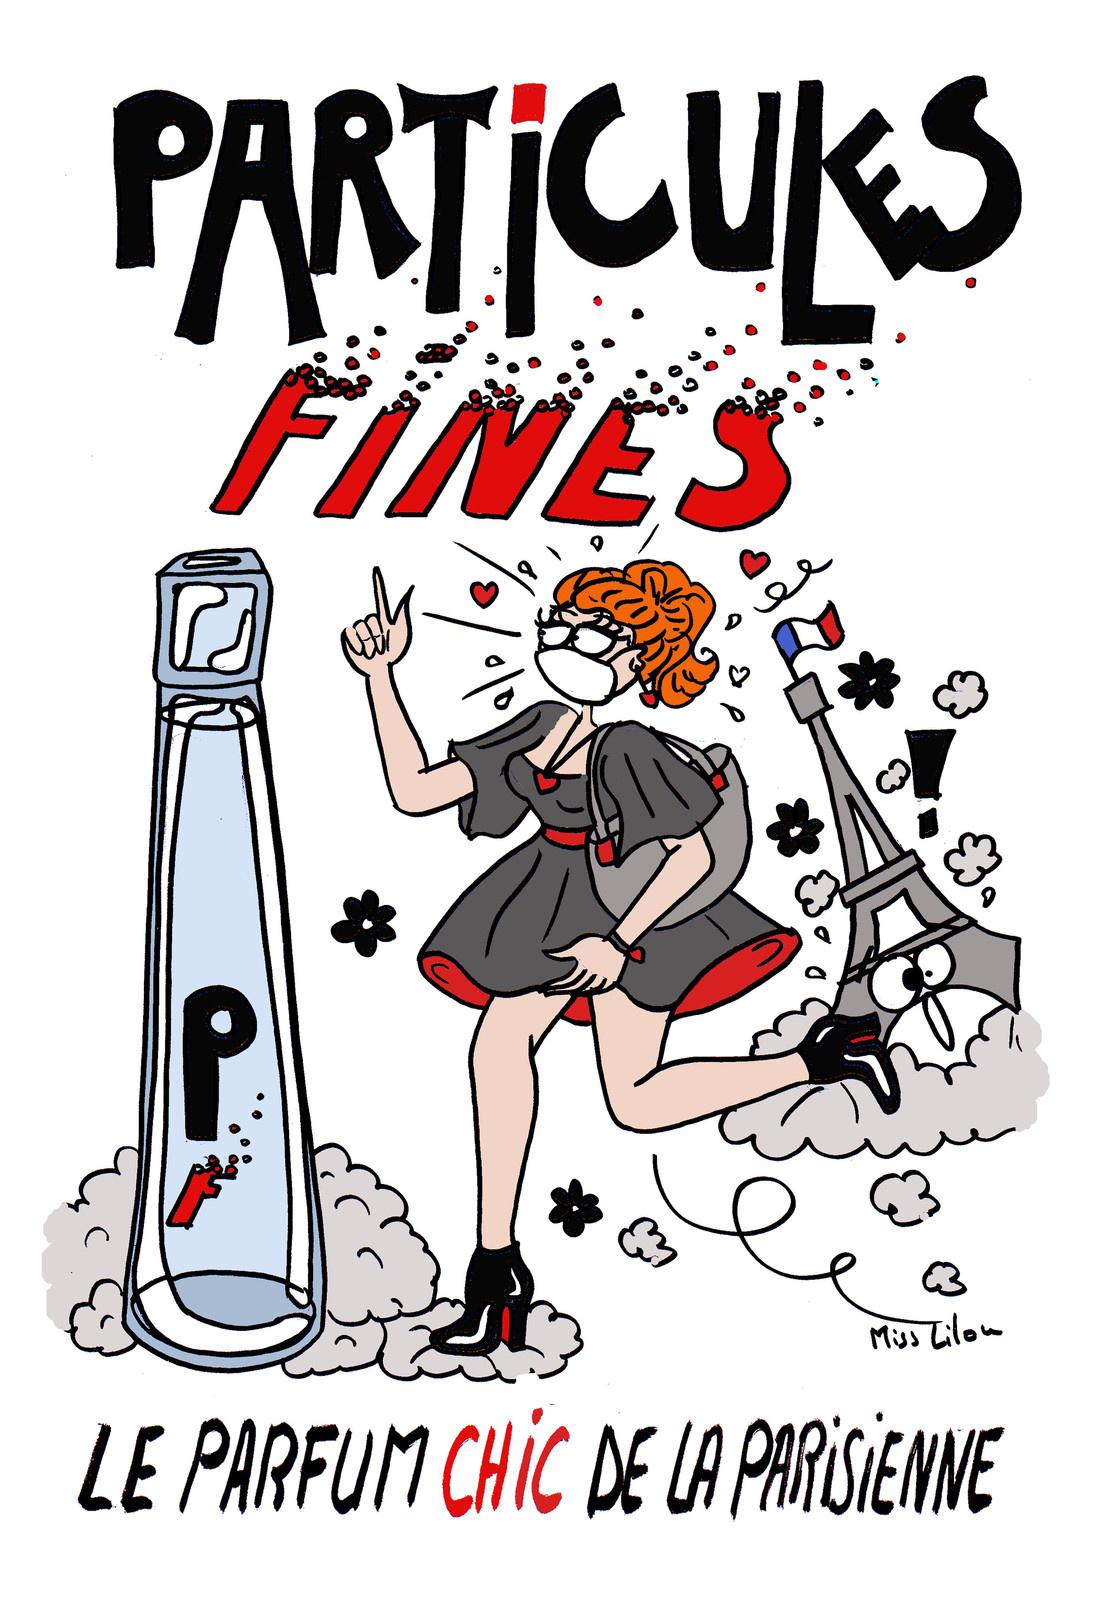 dessin humoristique d'une parisienne parfumée aux particules fines de la pollution